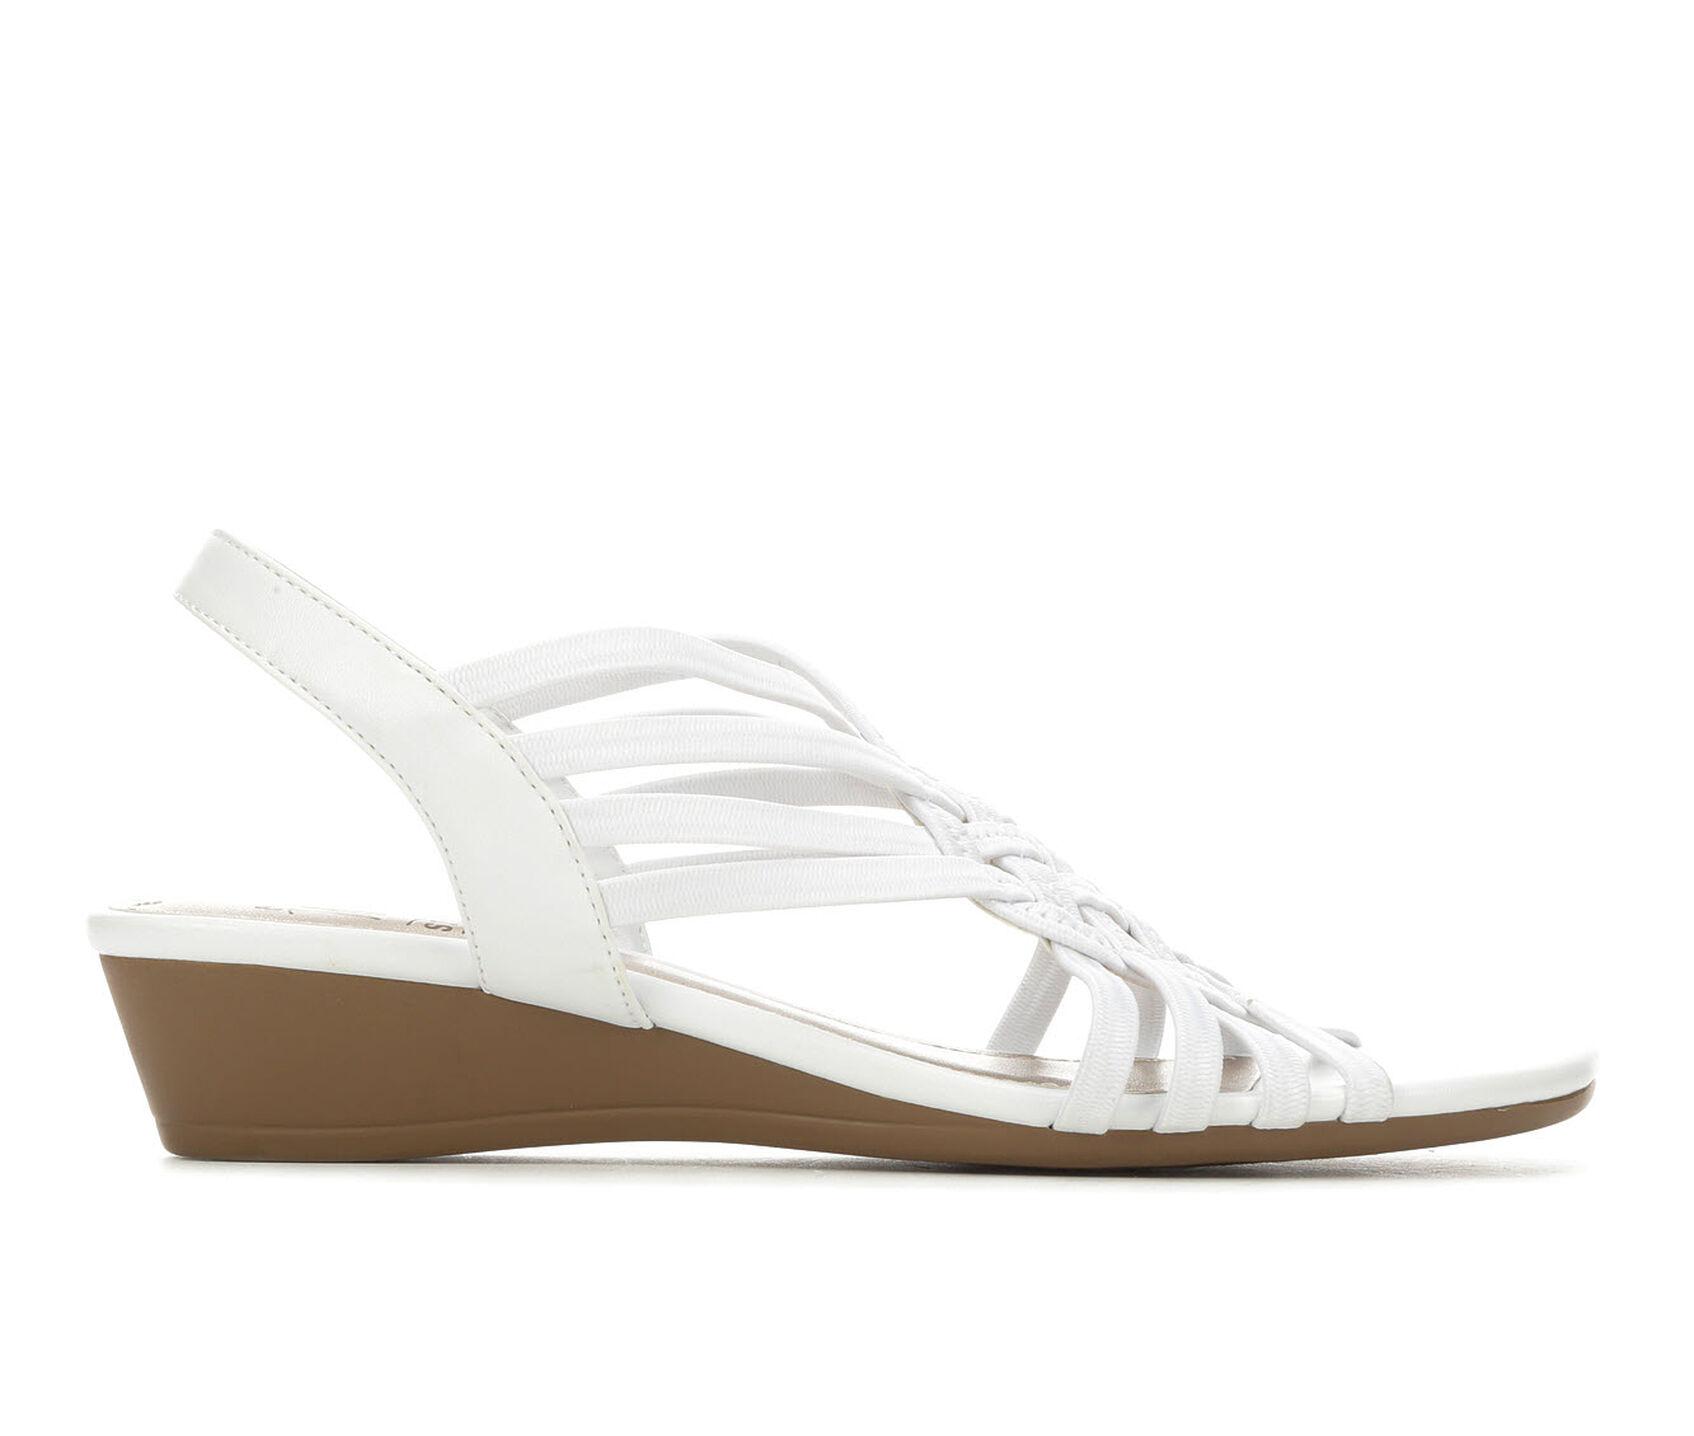 491ec0afcff Women's Impo Rosia Strappy Sandals